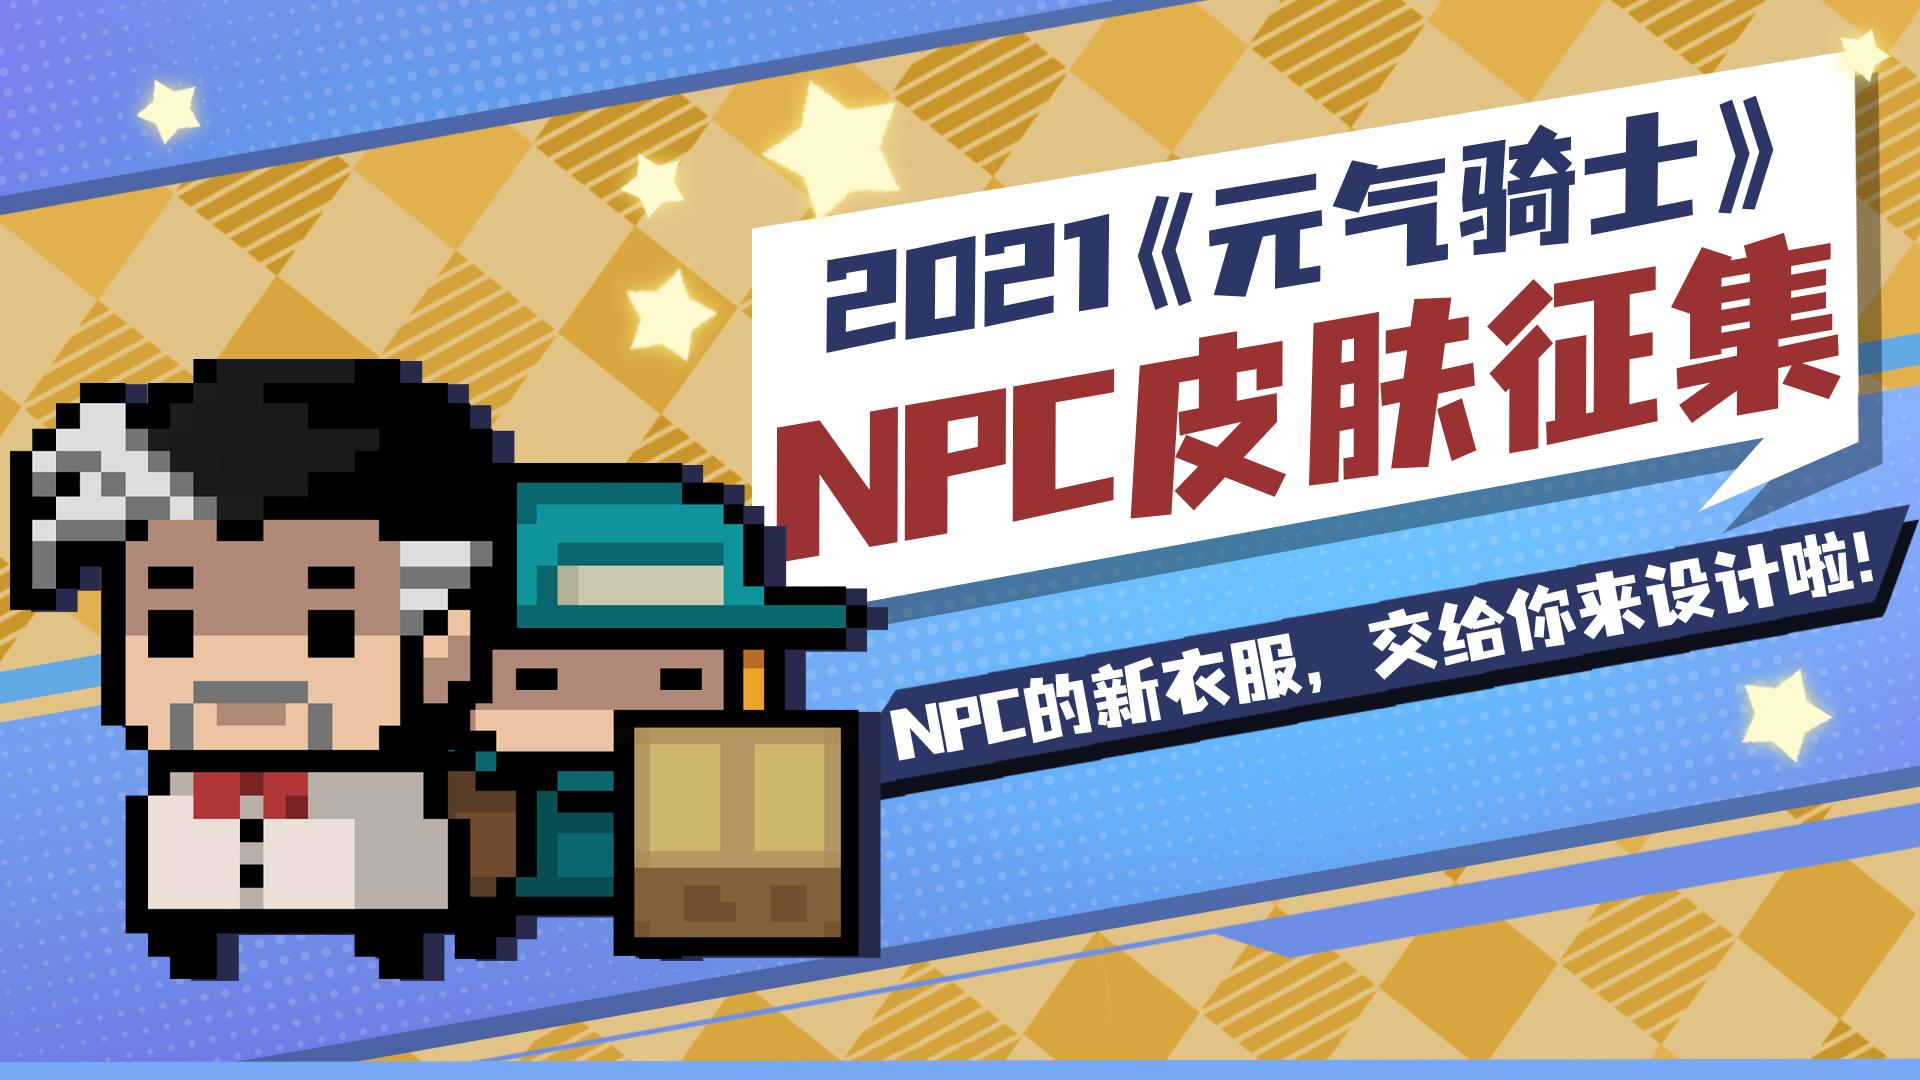 终终终终终于!NPC们也要有新衣服啦!